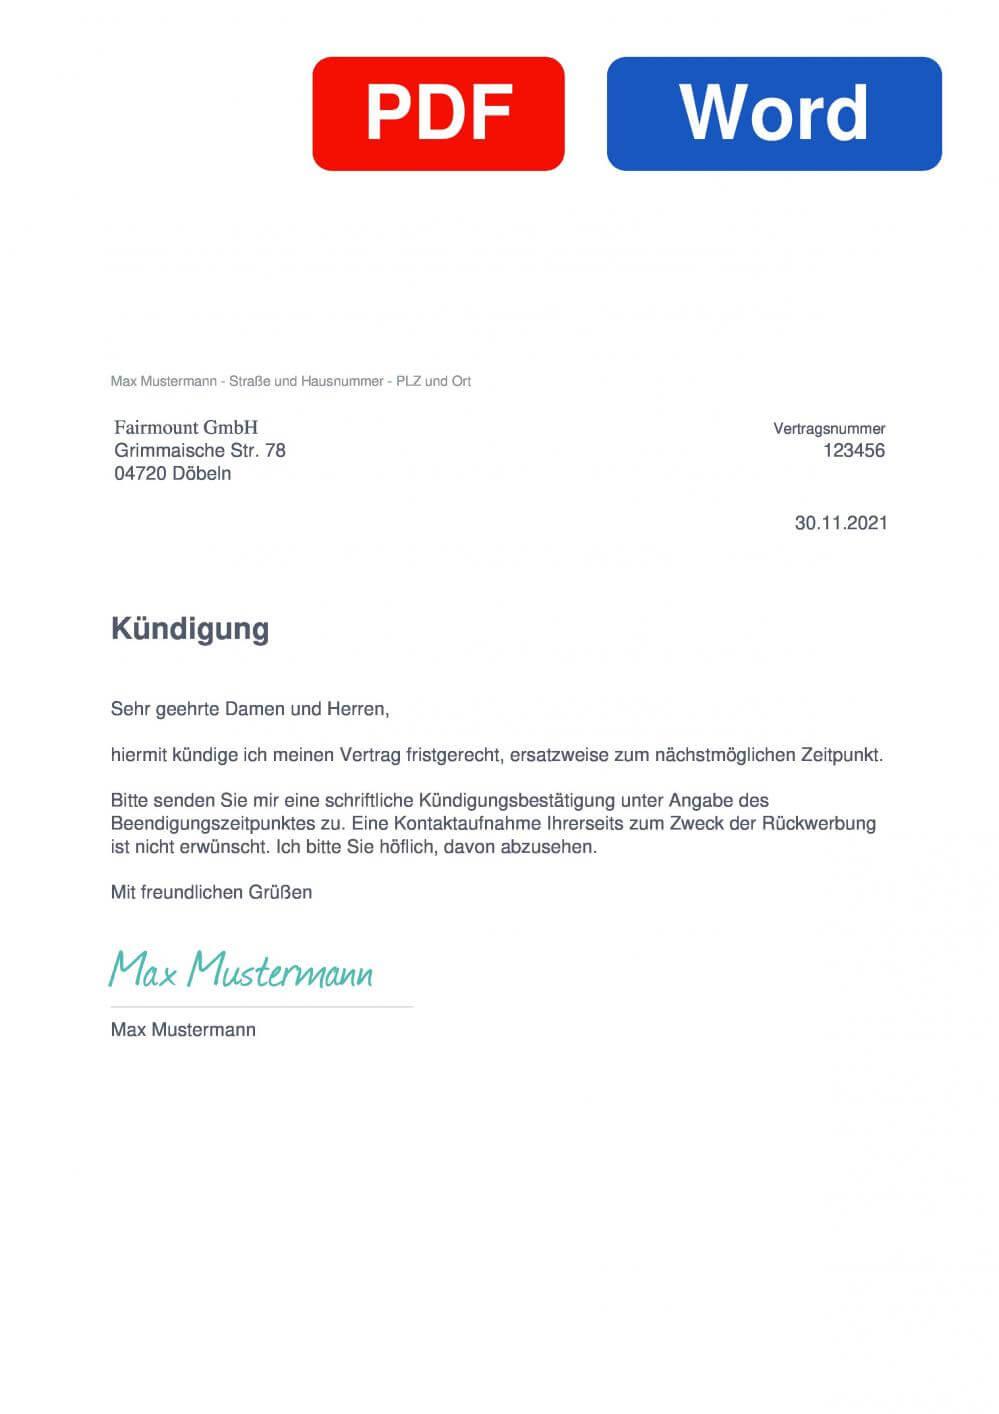 Fairmount GmbH Muster Vorlage für Kündigungsschreiben